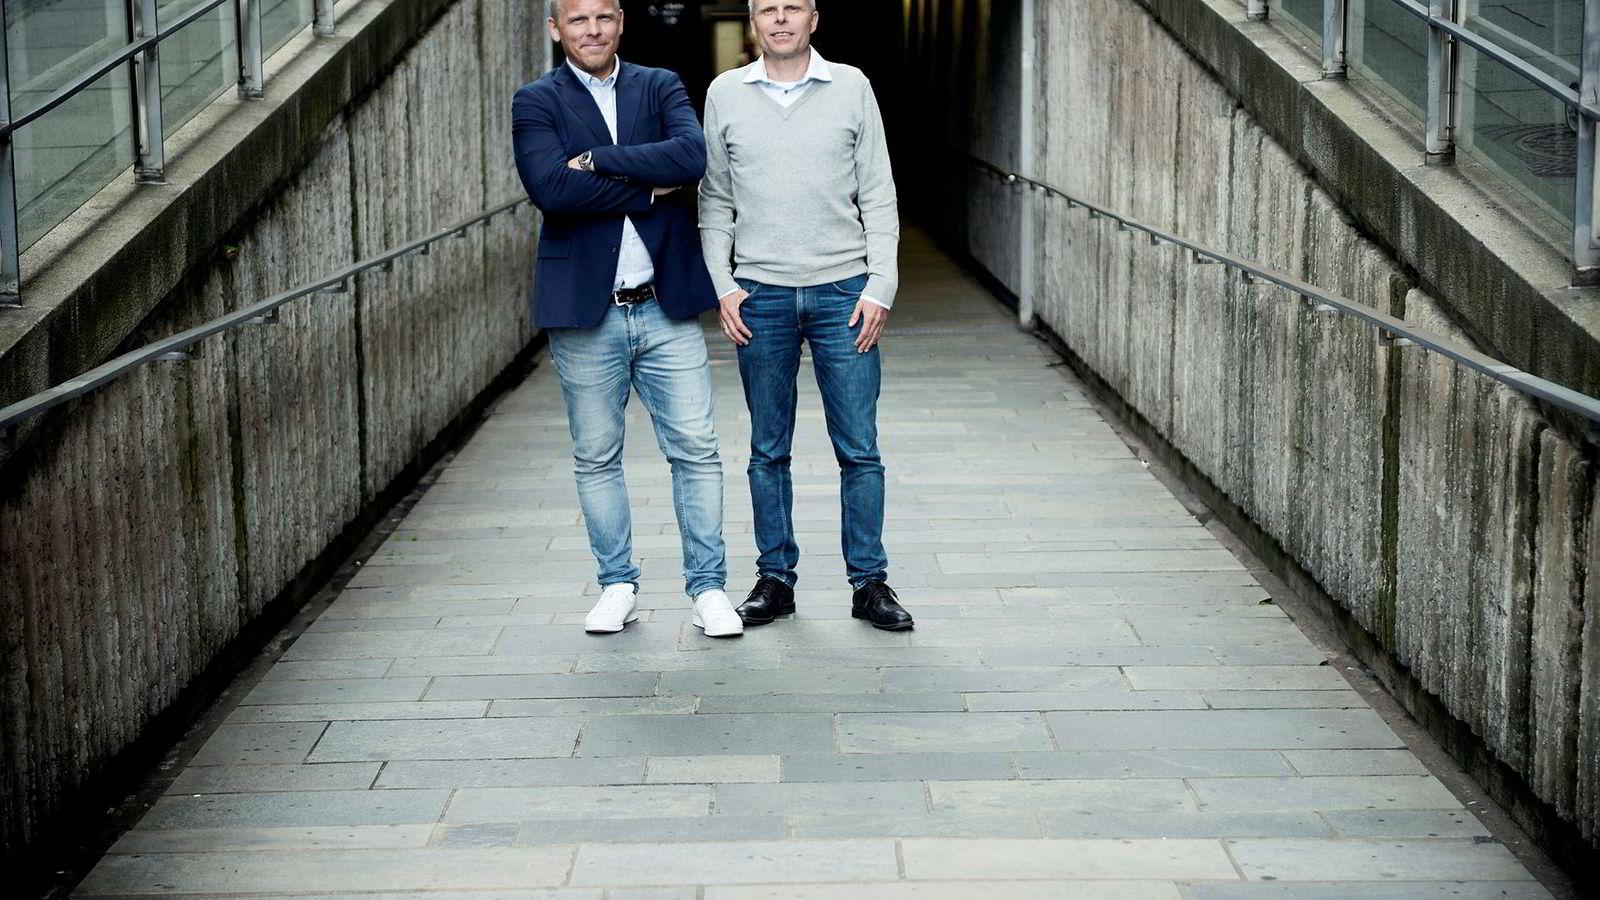 Bjørn Erik Sættem (til høyre) i Nordnet har gjort en grundig analyse hvor han har sammenlignet bolig- og aksjemarkedet de siste 150 årene. Nordnet-sjef Anders Skar står til venstre i bildet.